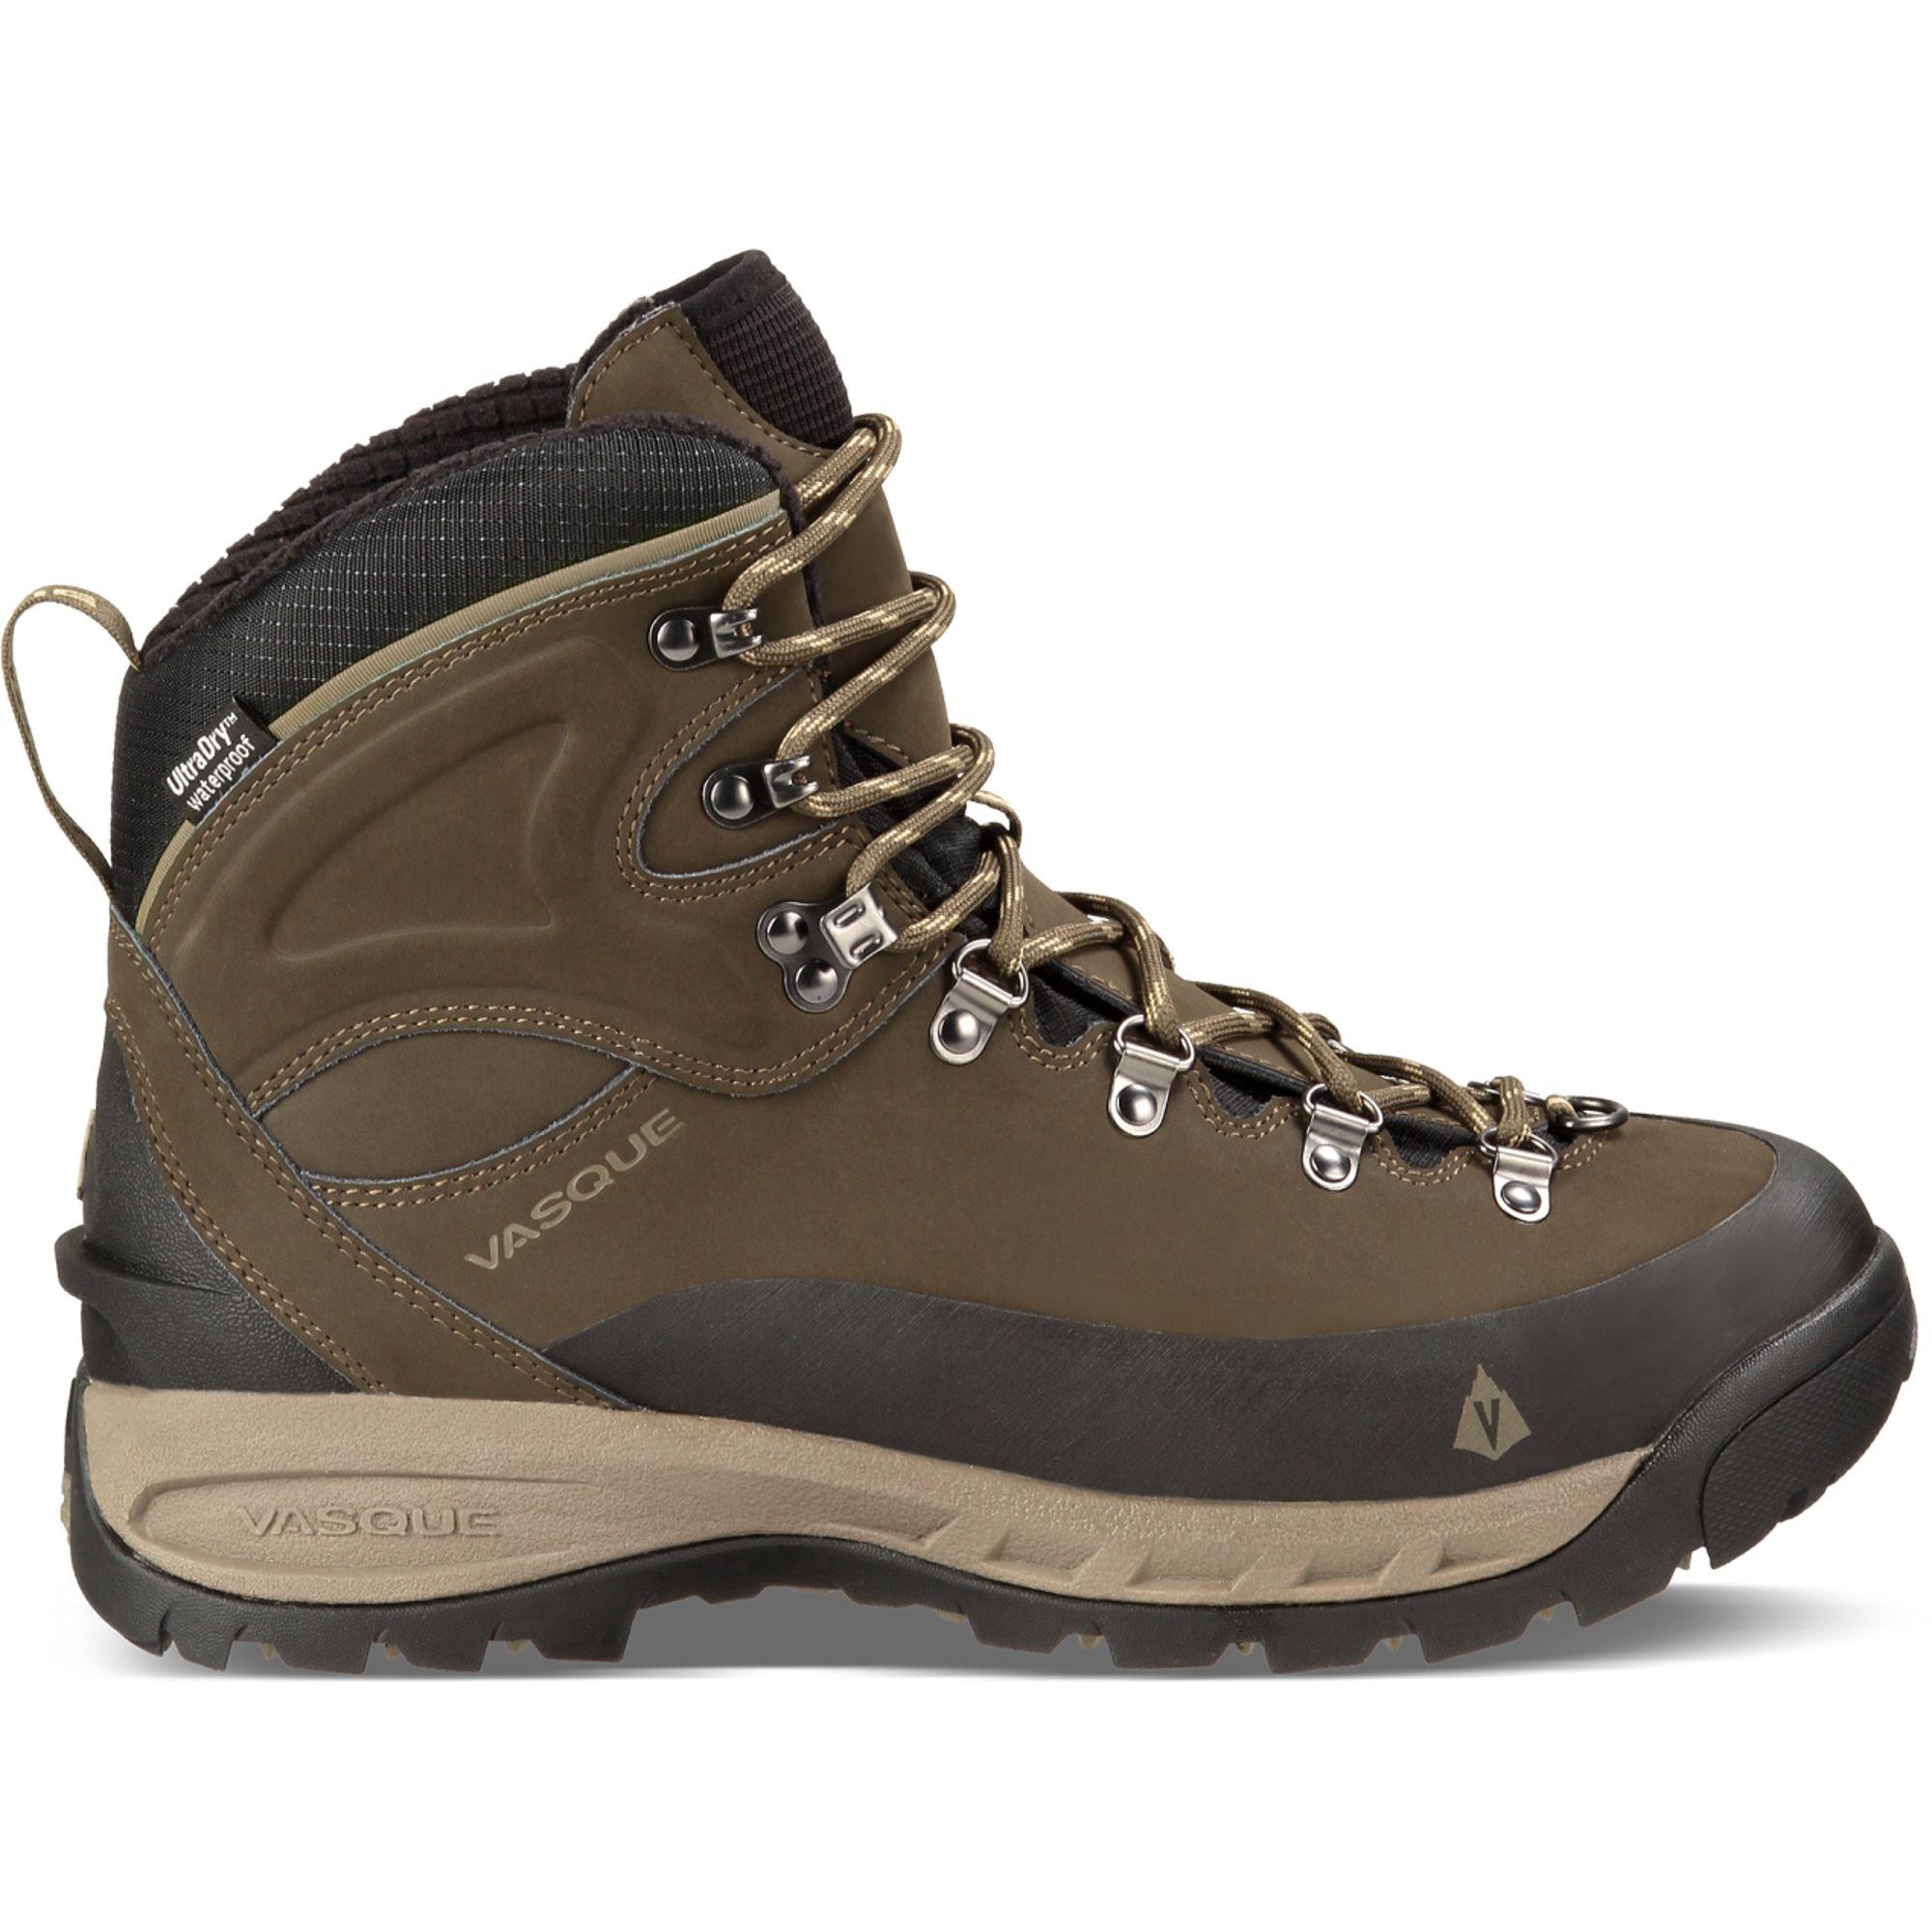 Snowblime UltraDry Boot - Men's